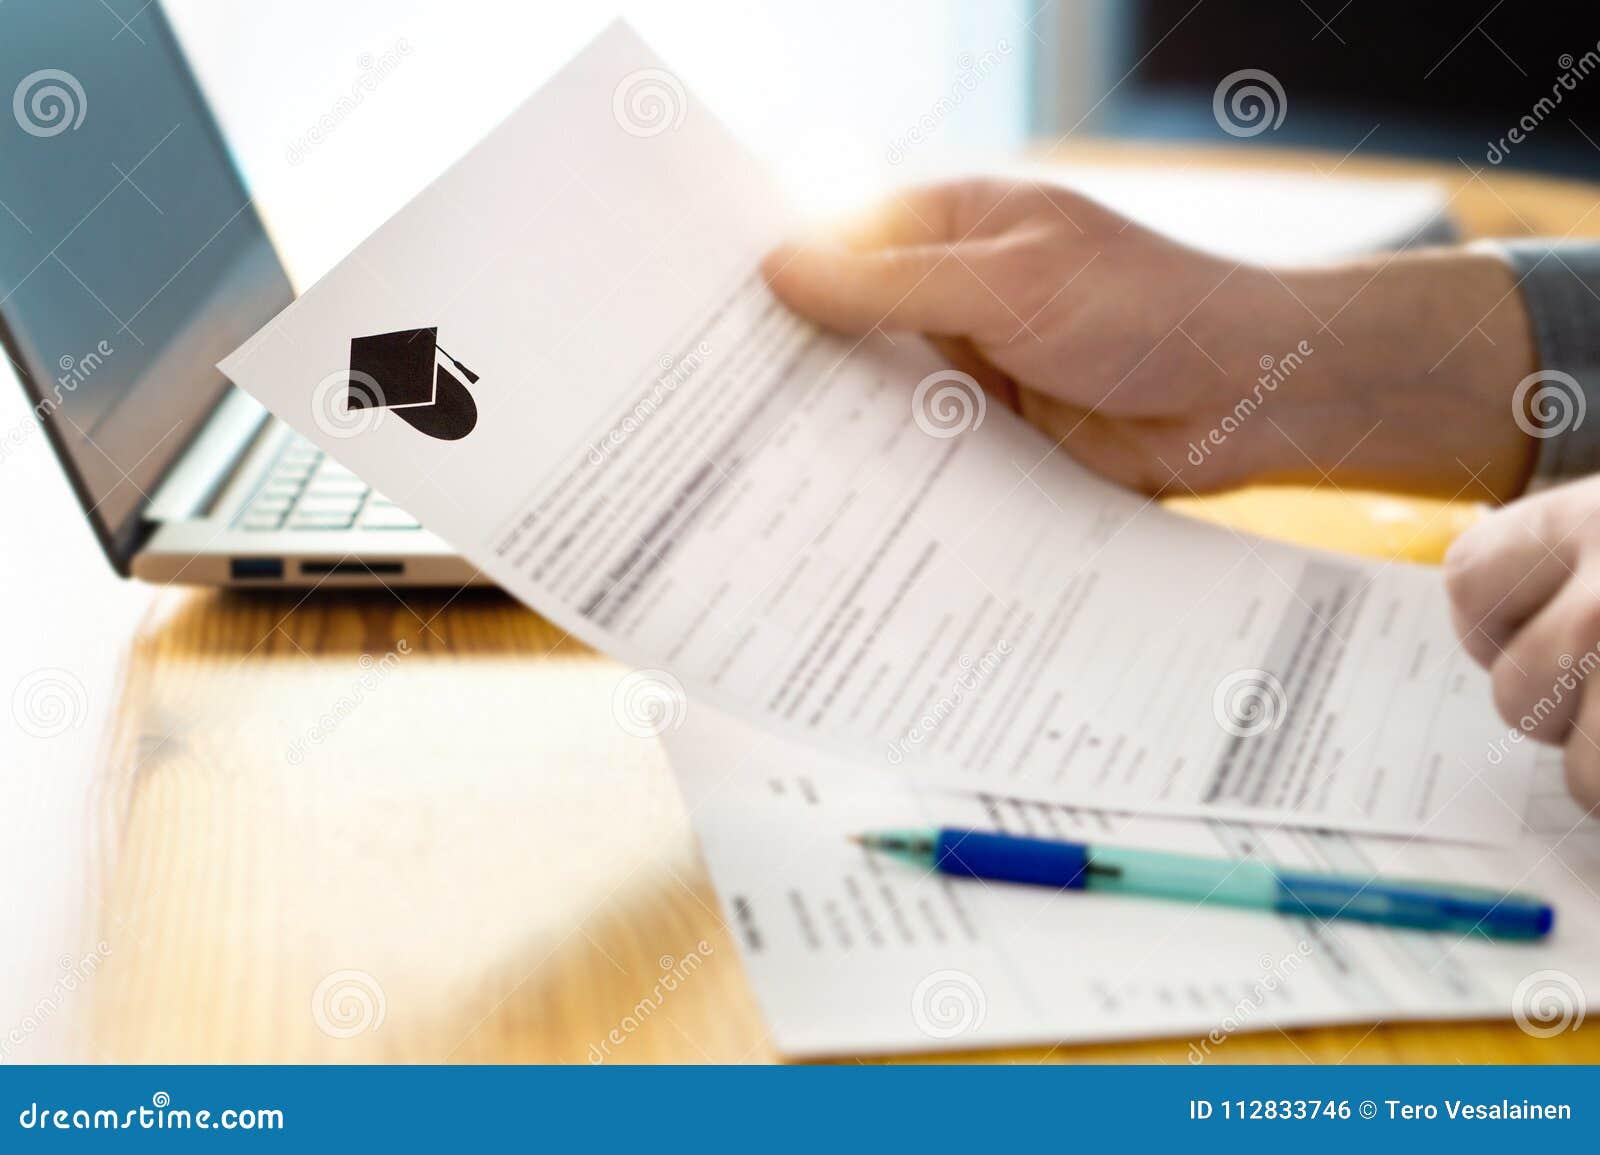 Κολλέγιο ανάγνωσης ατόμων ή πανεπιστημιακή εφαρμογή ή έγγραφο